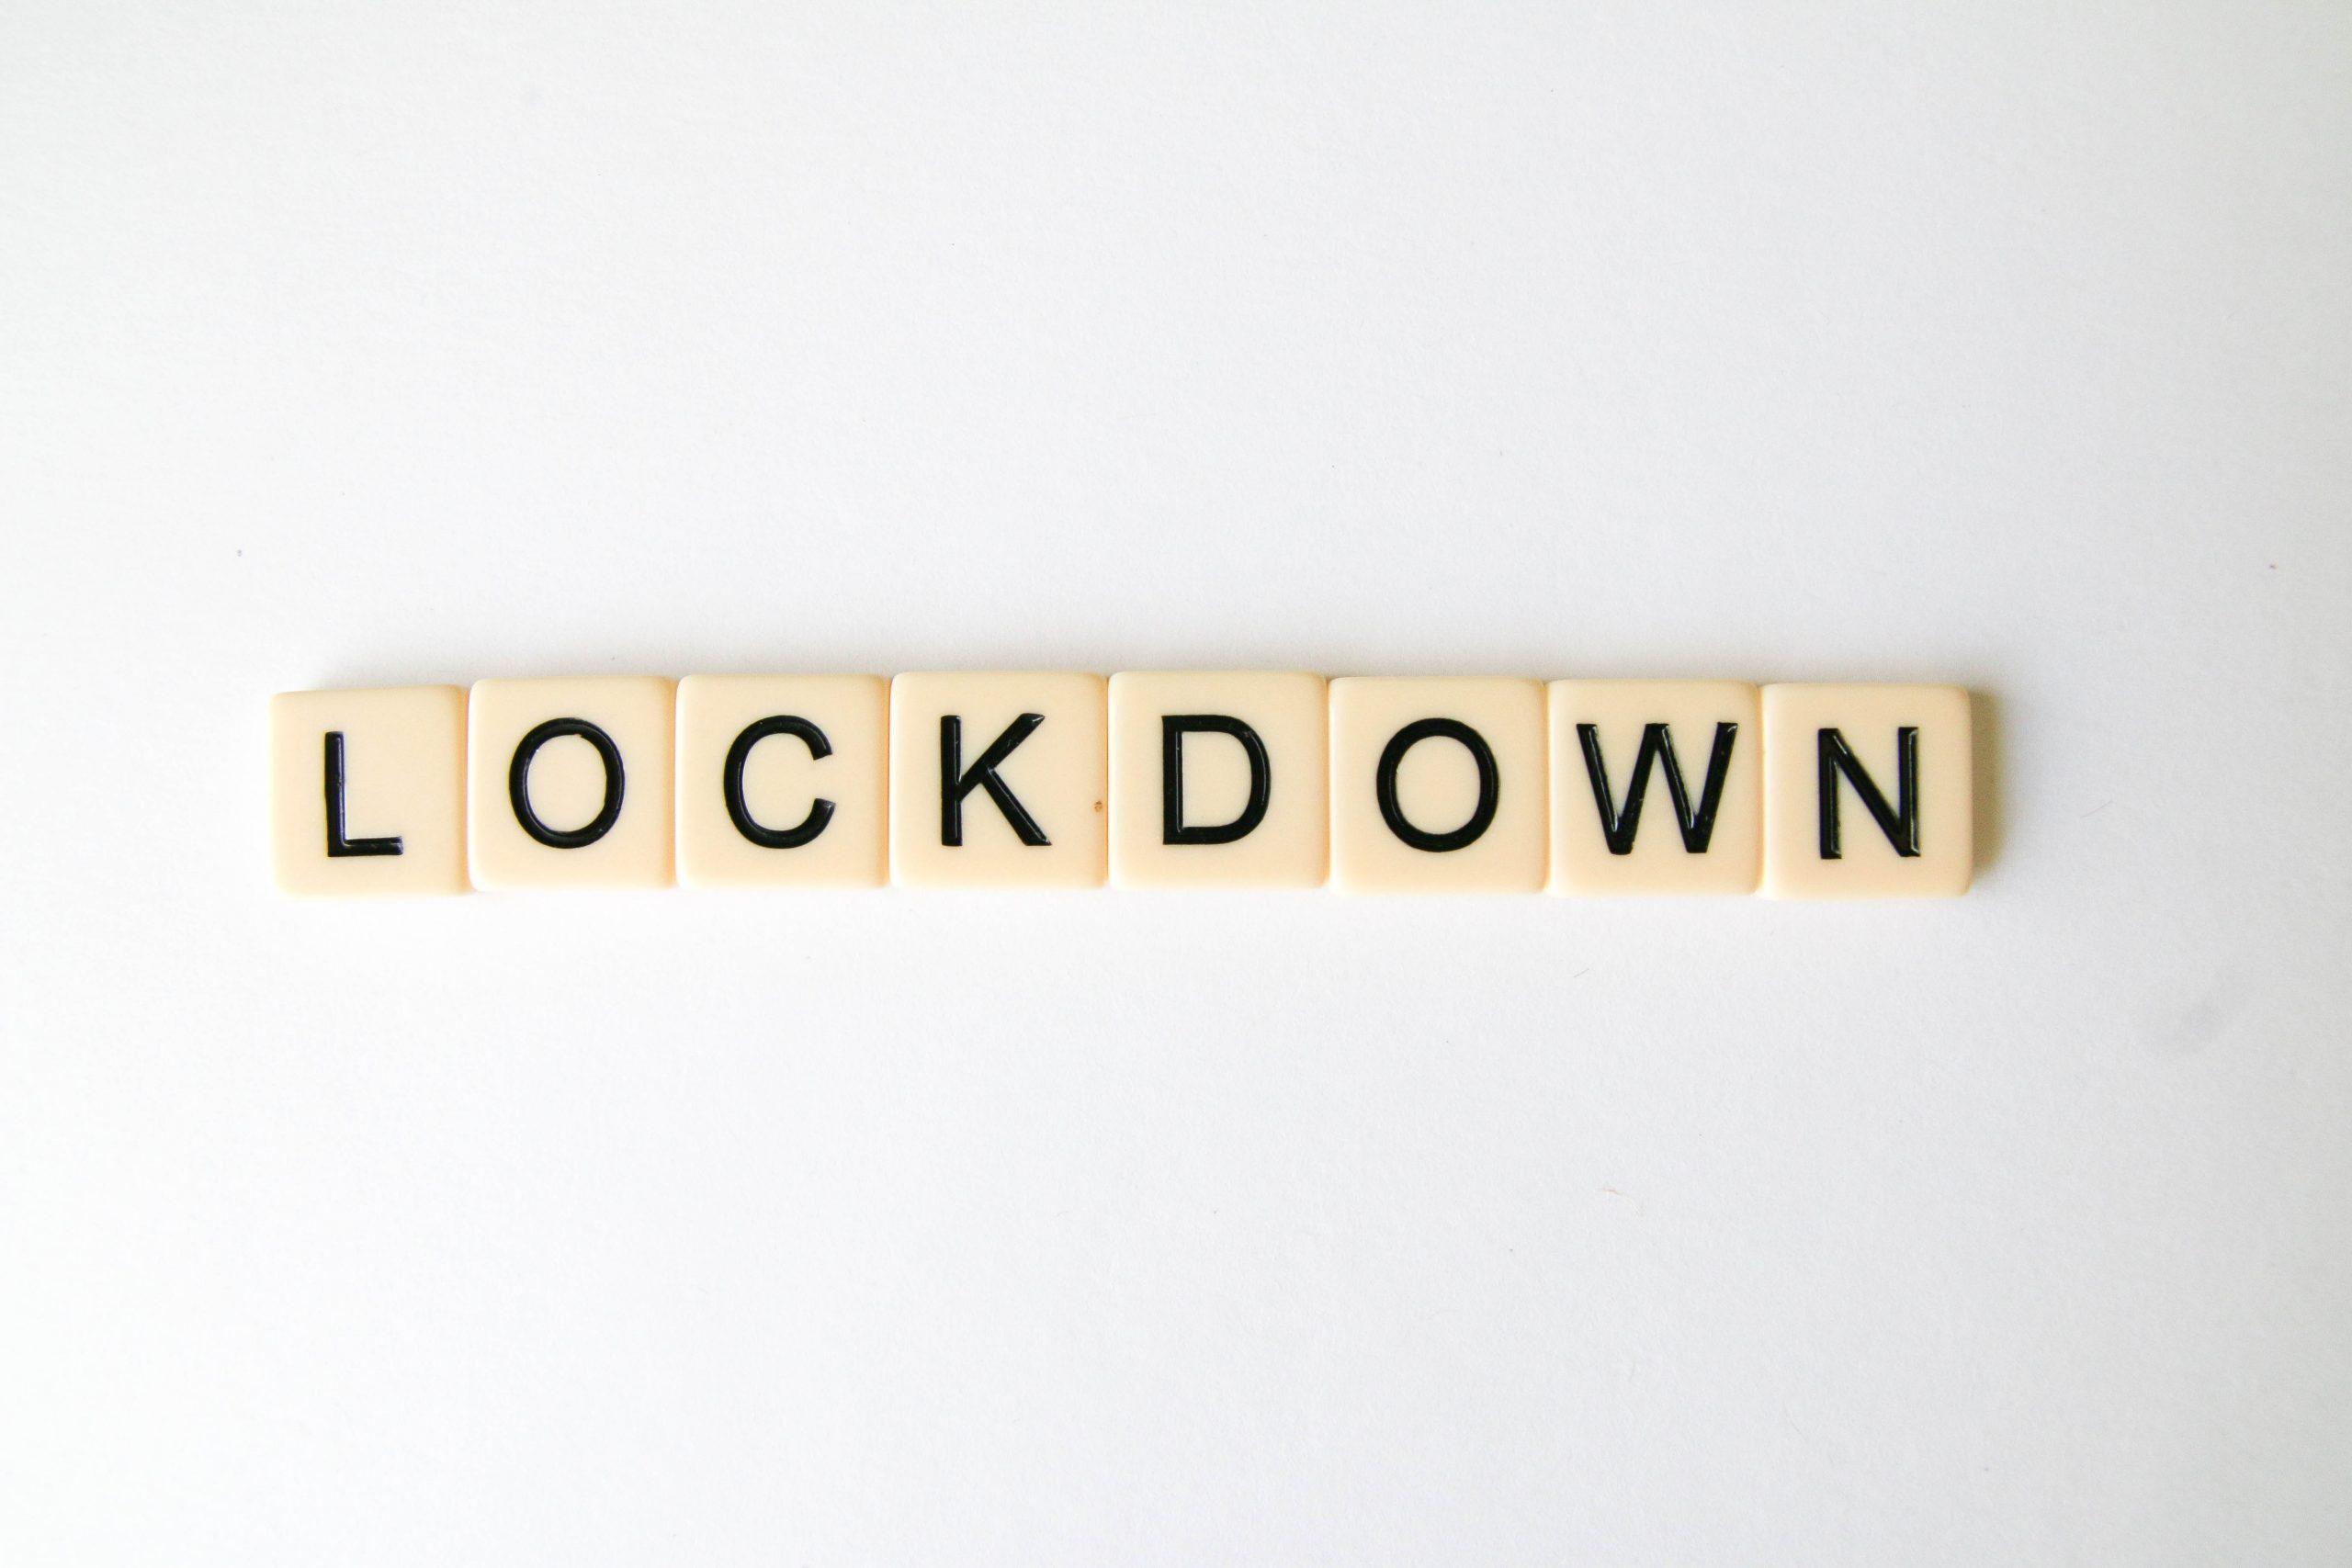 Lockdown-last We Zitten Er Allemaal Doorheen.